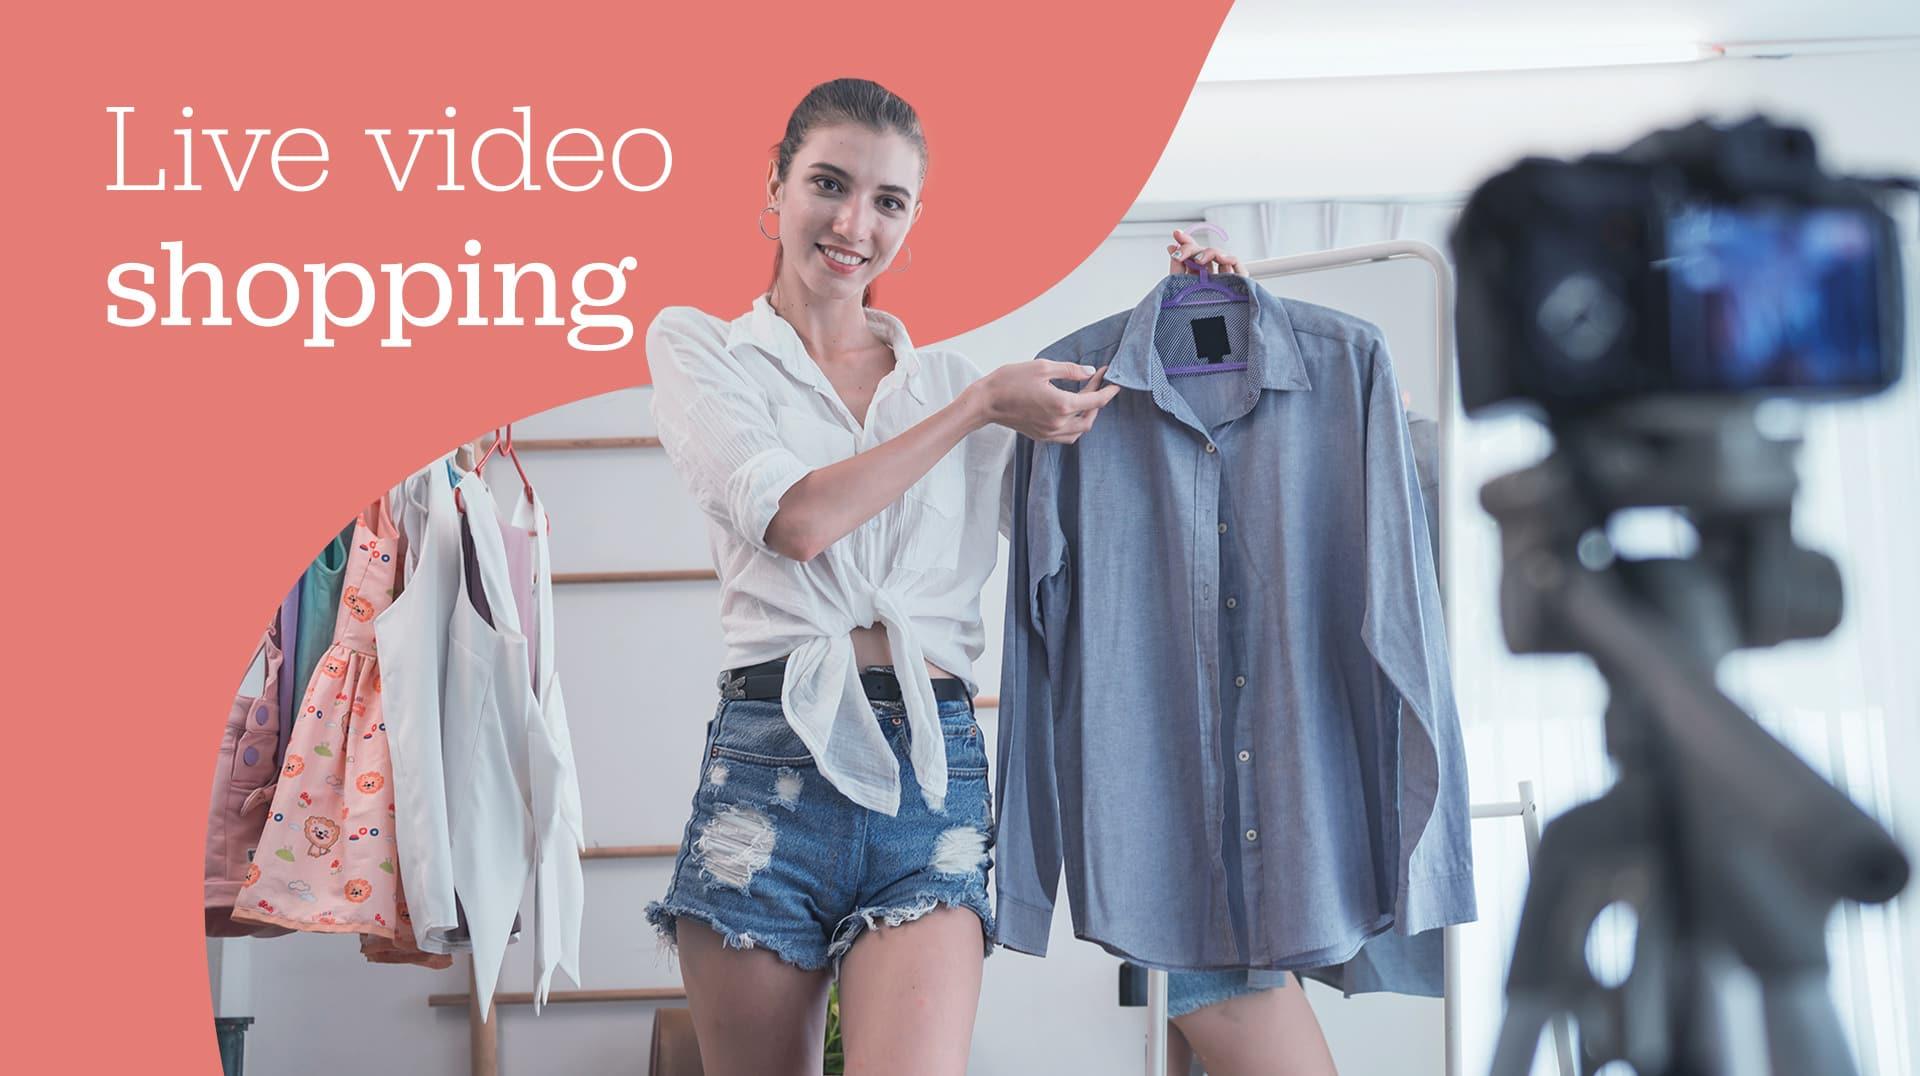 Influenciadora em live shopping